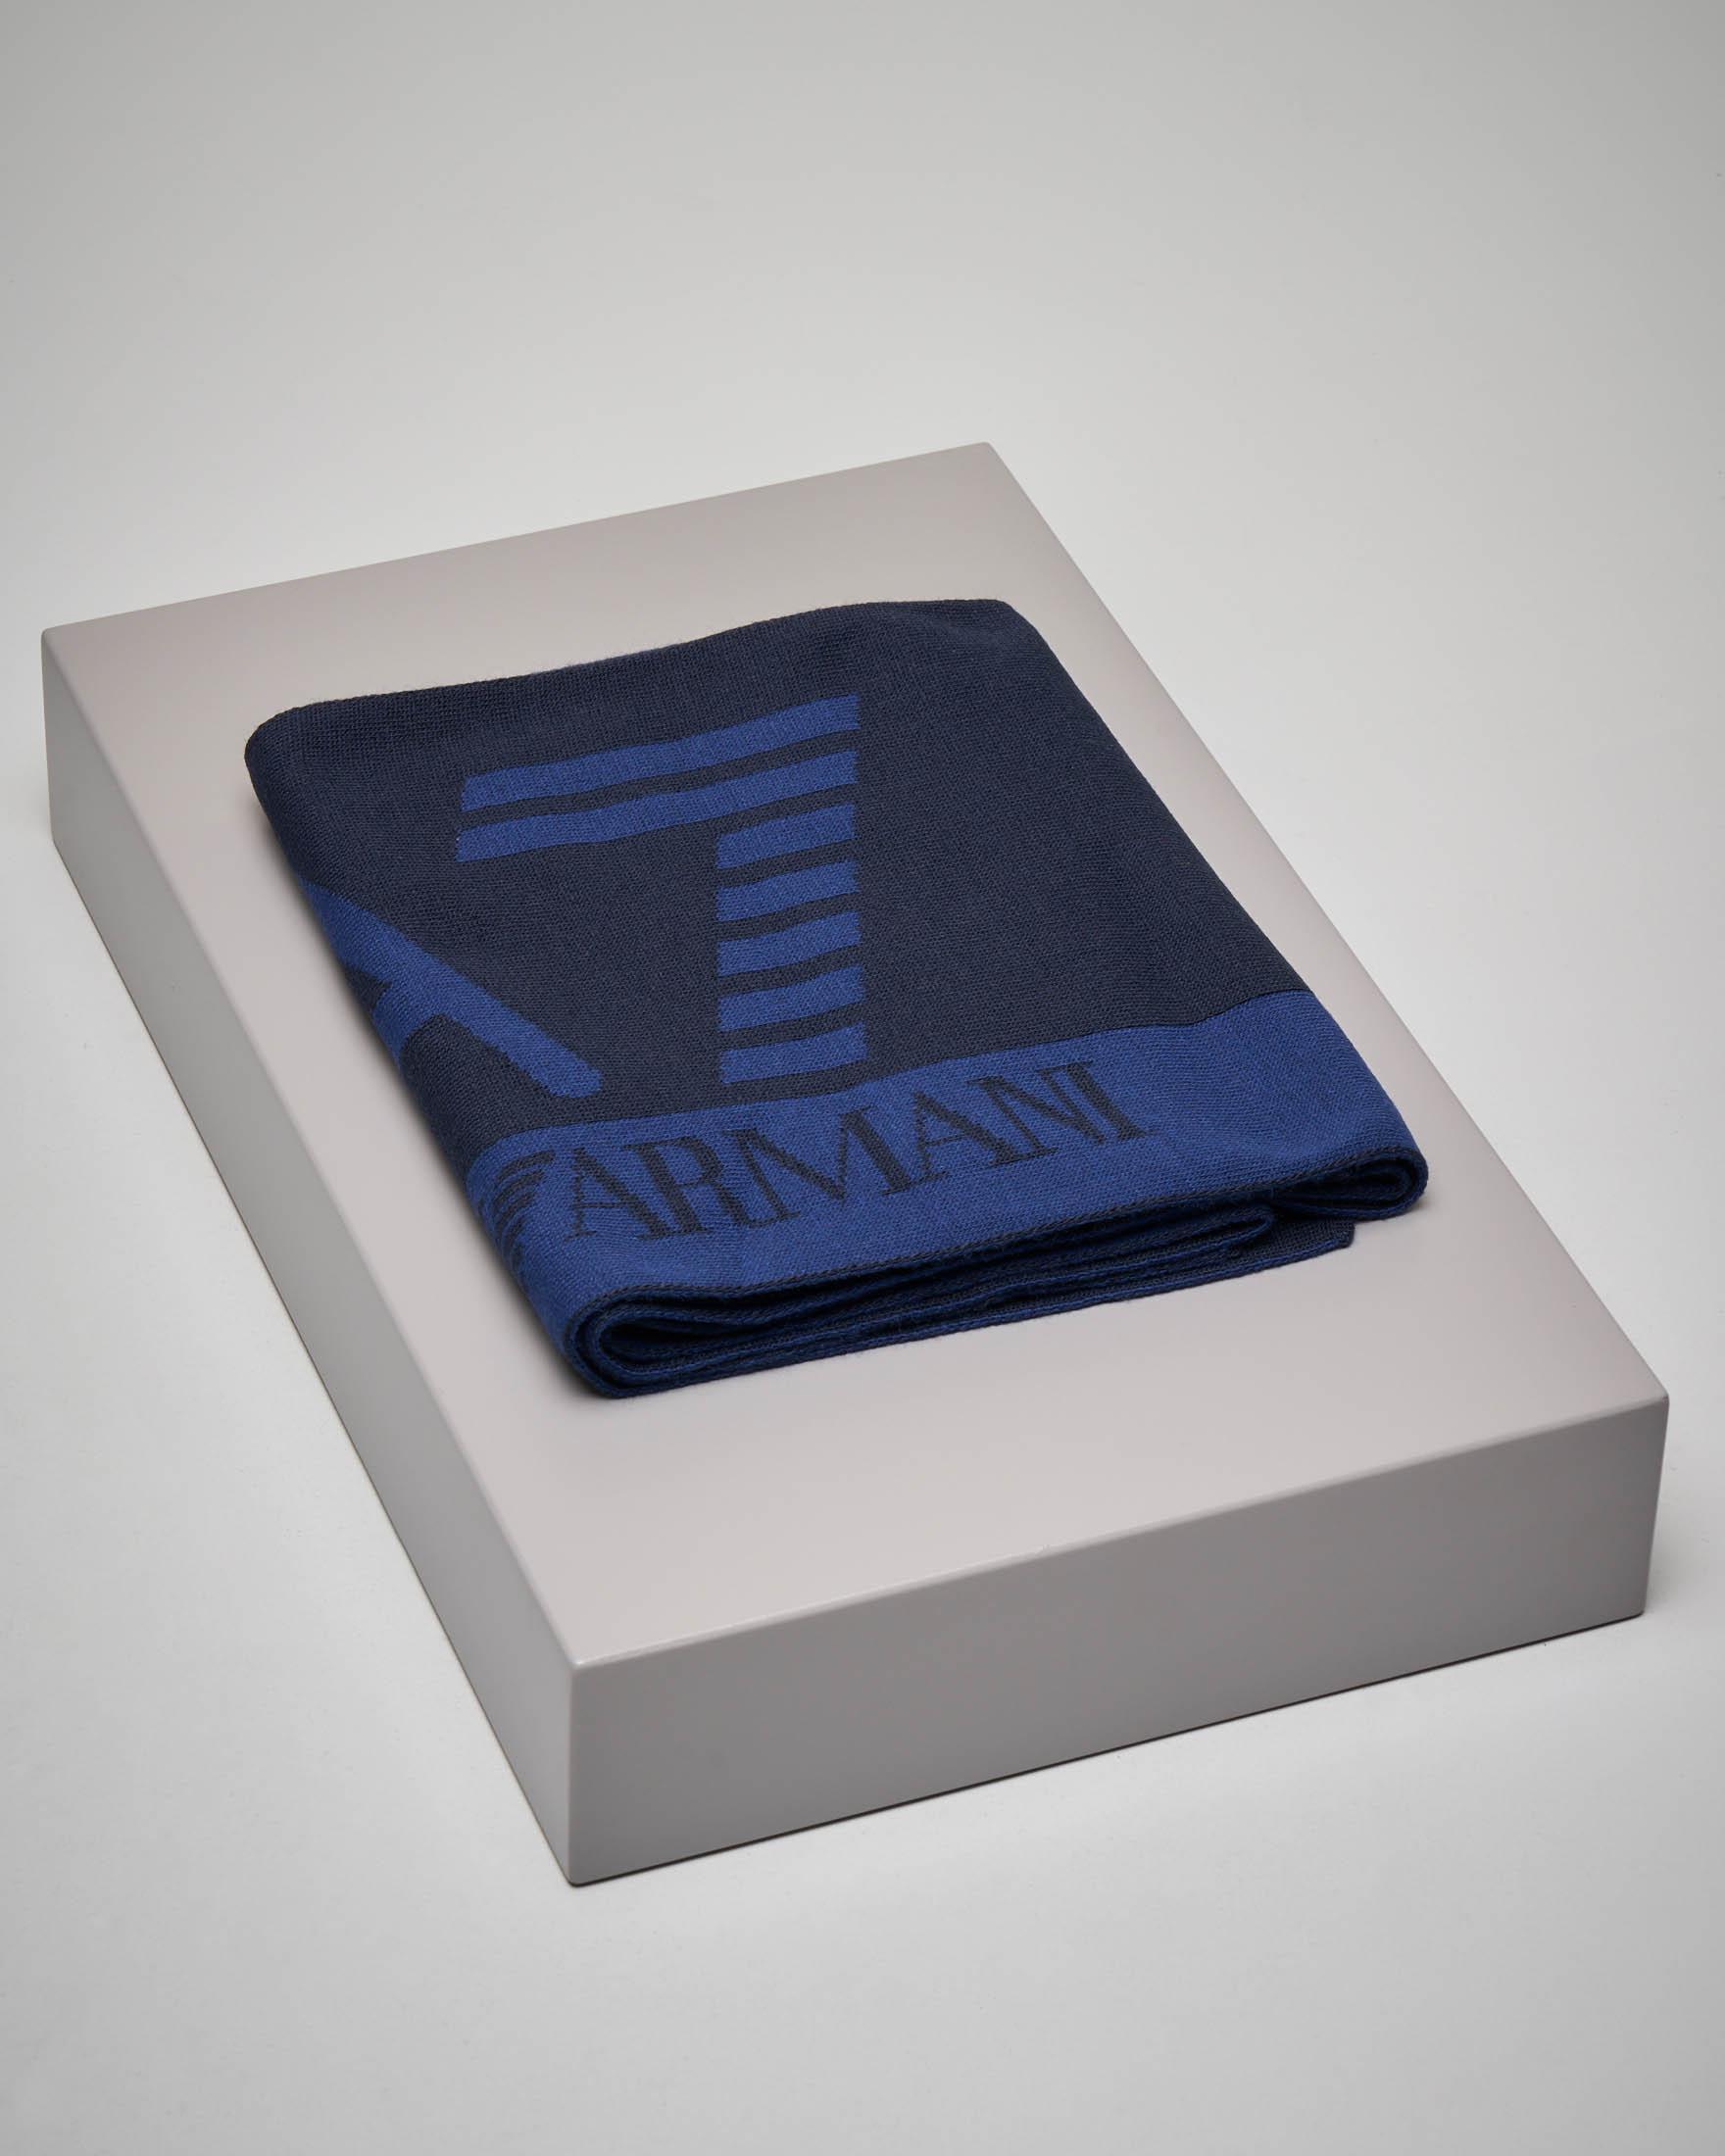 Sciarpa blu con logo azzurro